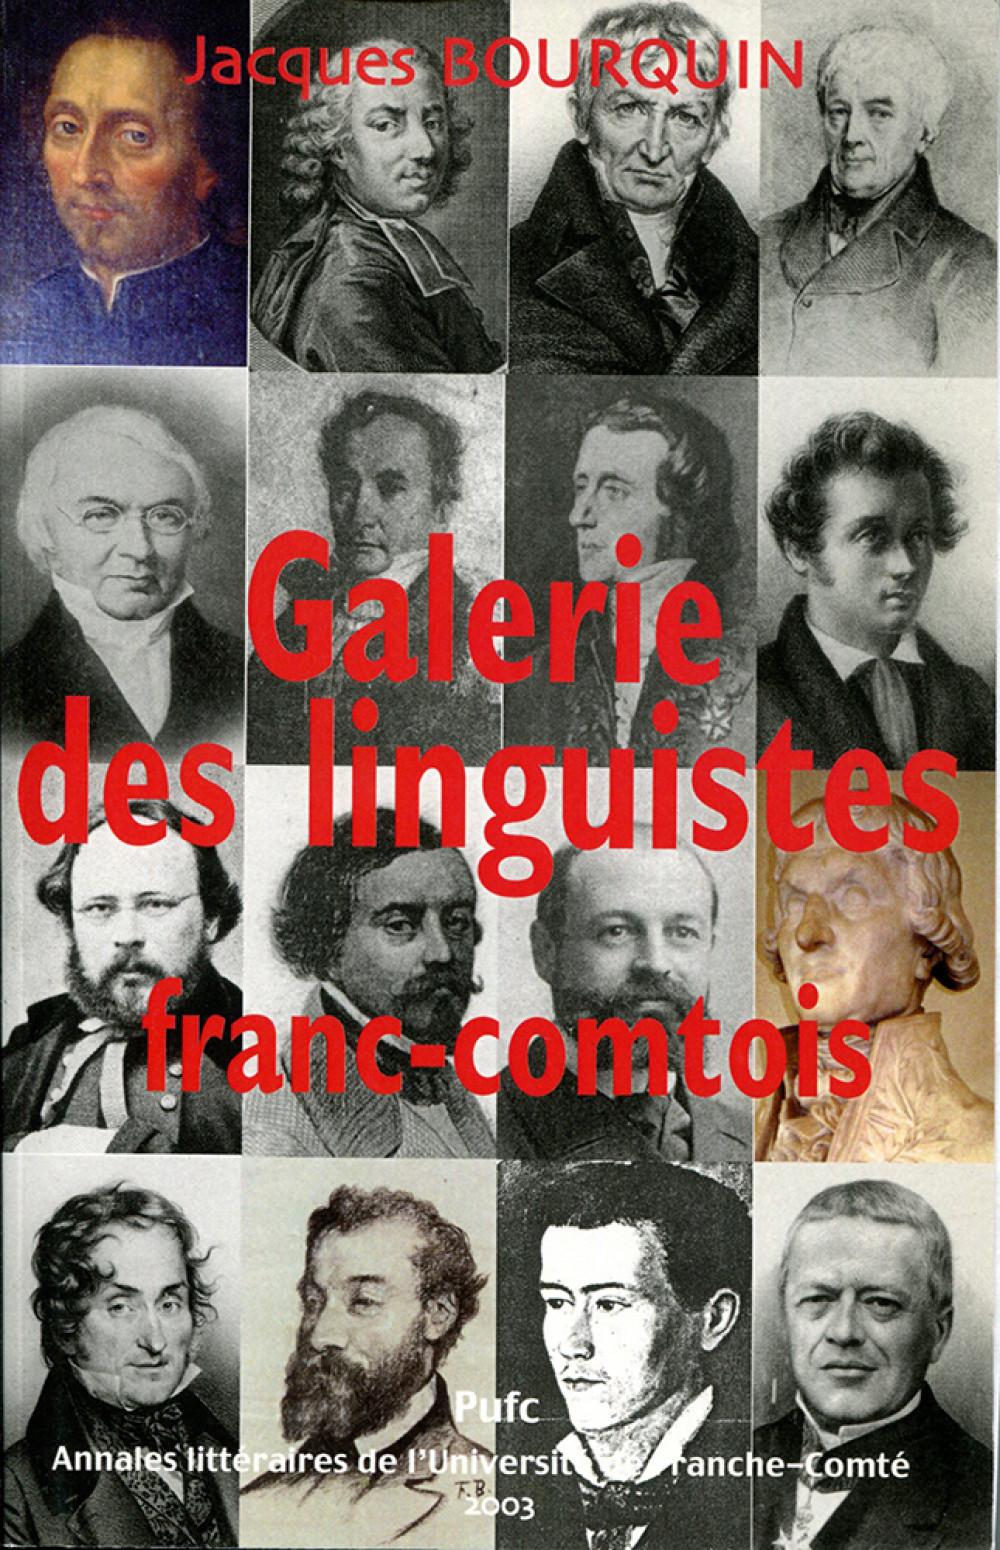 Galerie des linguistes franc-comtois